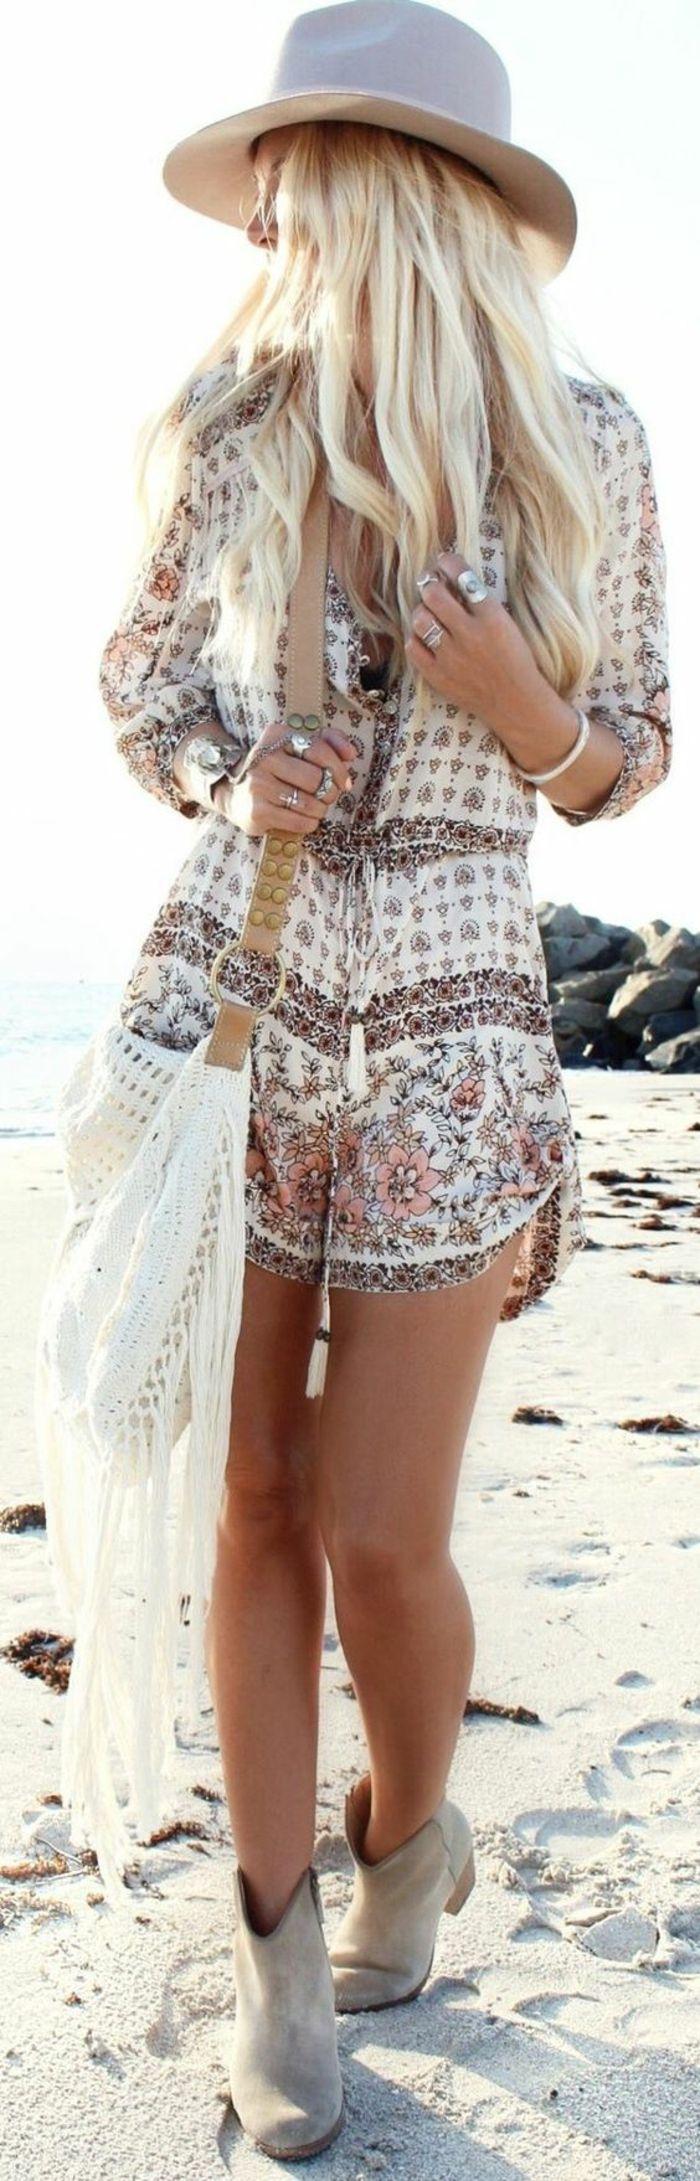 Robe bohème chic style boheme belle idée tenue salopette et bottes